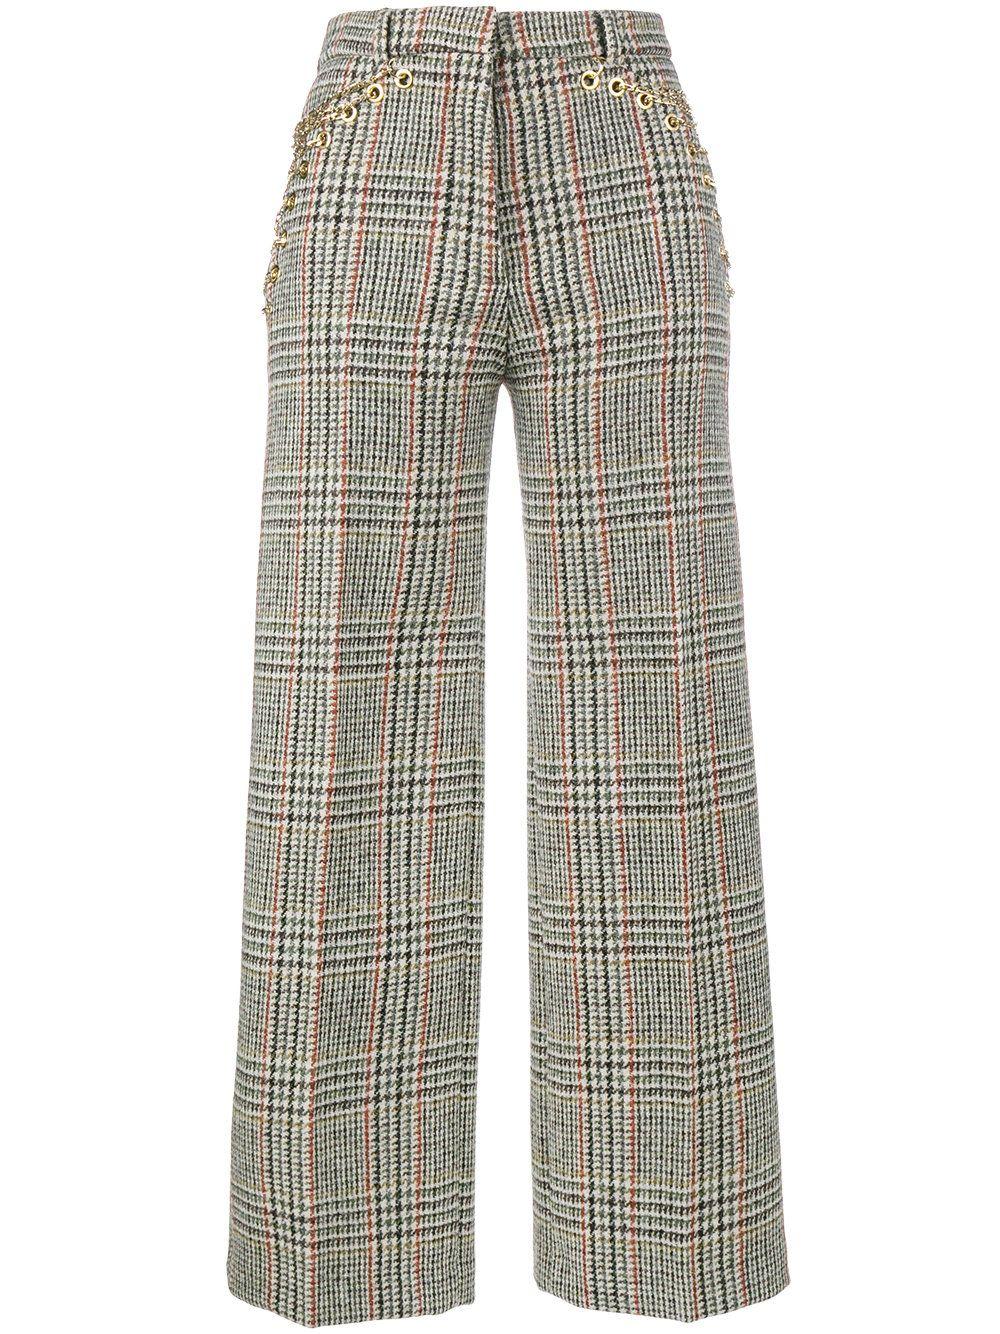 20a876c40cf8 Y / Project pantalones de cuadros con talle alto | Pantalones ...